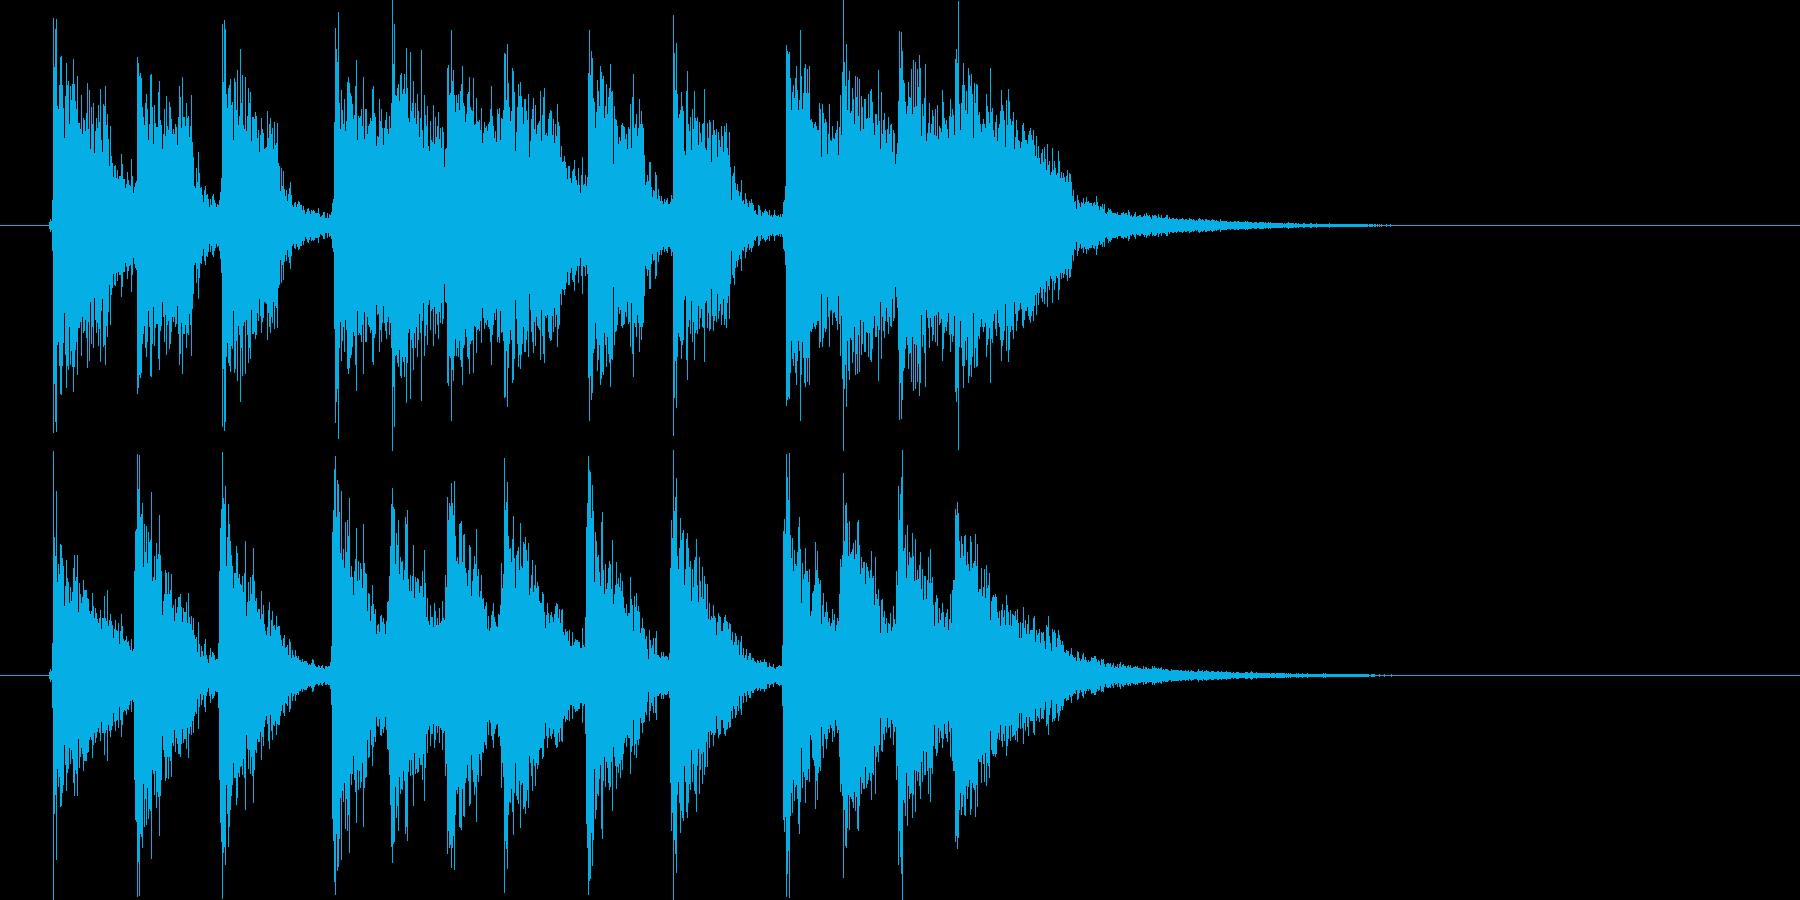 ディスコのようなジングルの再生済みの波形